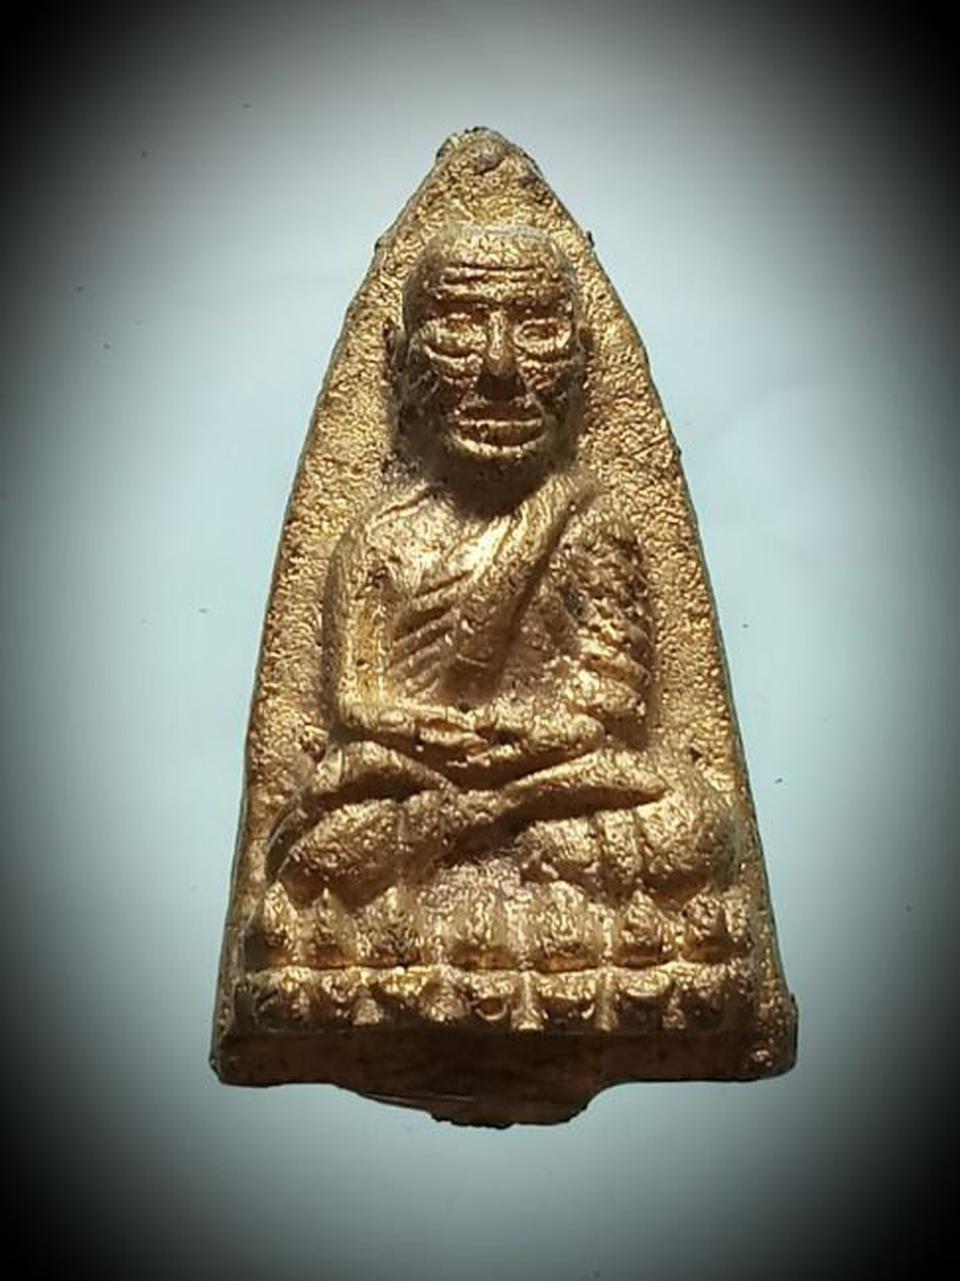 เหรียญหล่อพิมพ์เตารีดหลวงปู่ทวด เนื้อทองระฆัง รูปที่ 2